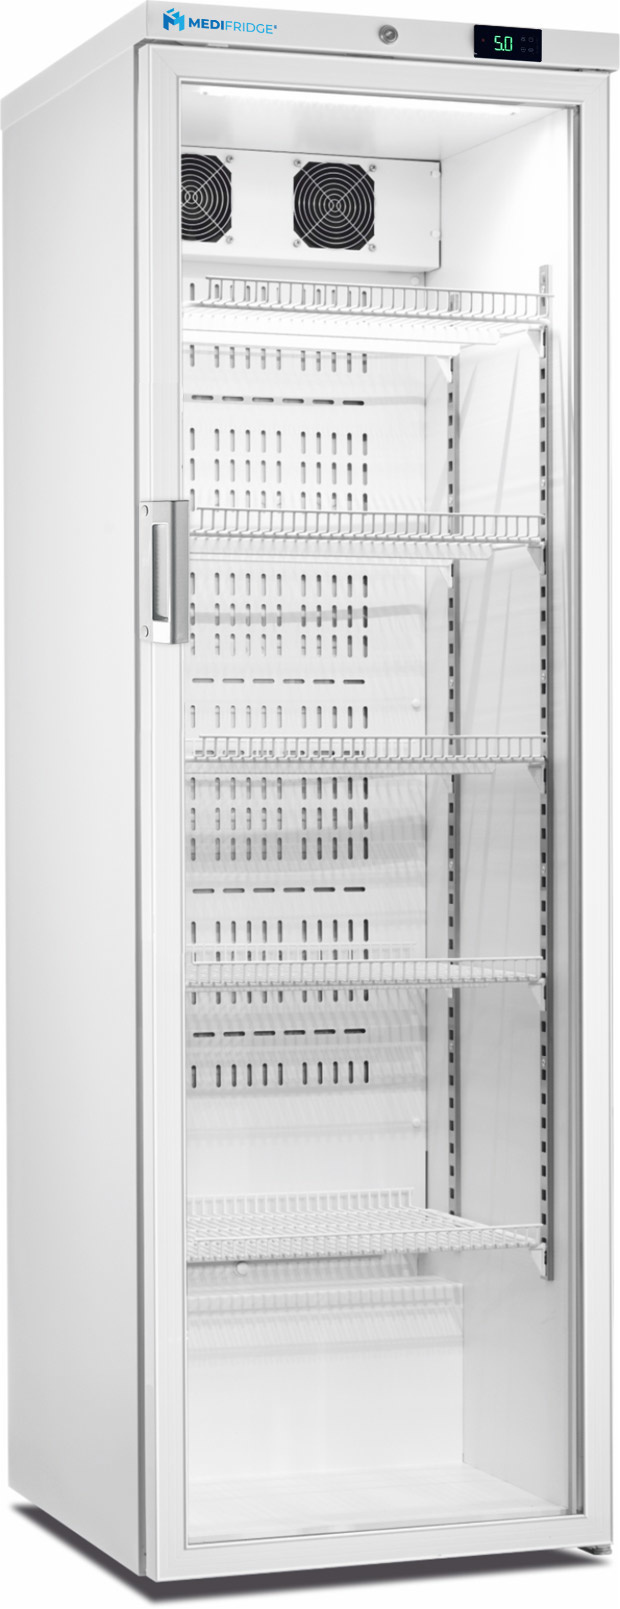 MediFridge medicijnkoelkast MF450L-GD - Glazen deur - 416 liter - 600x700x1875 mm - DIN 58345